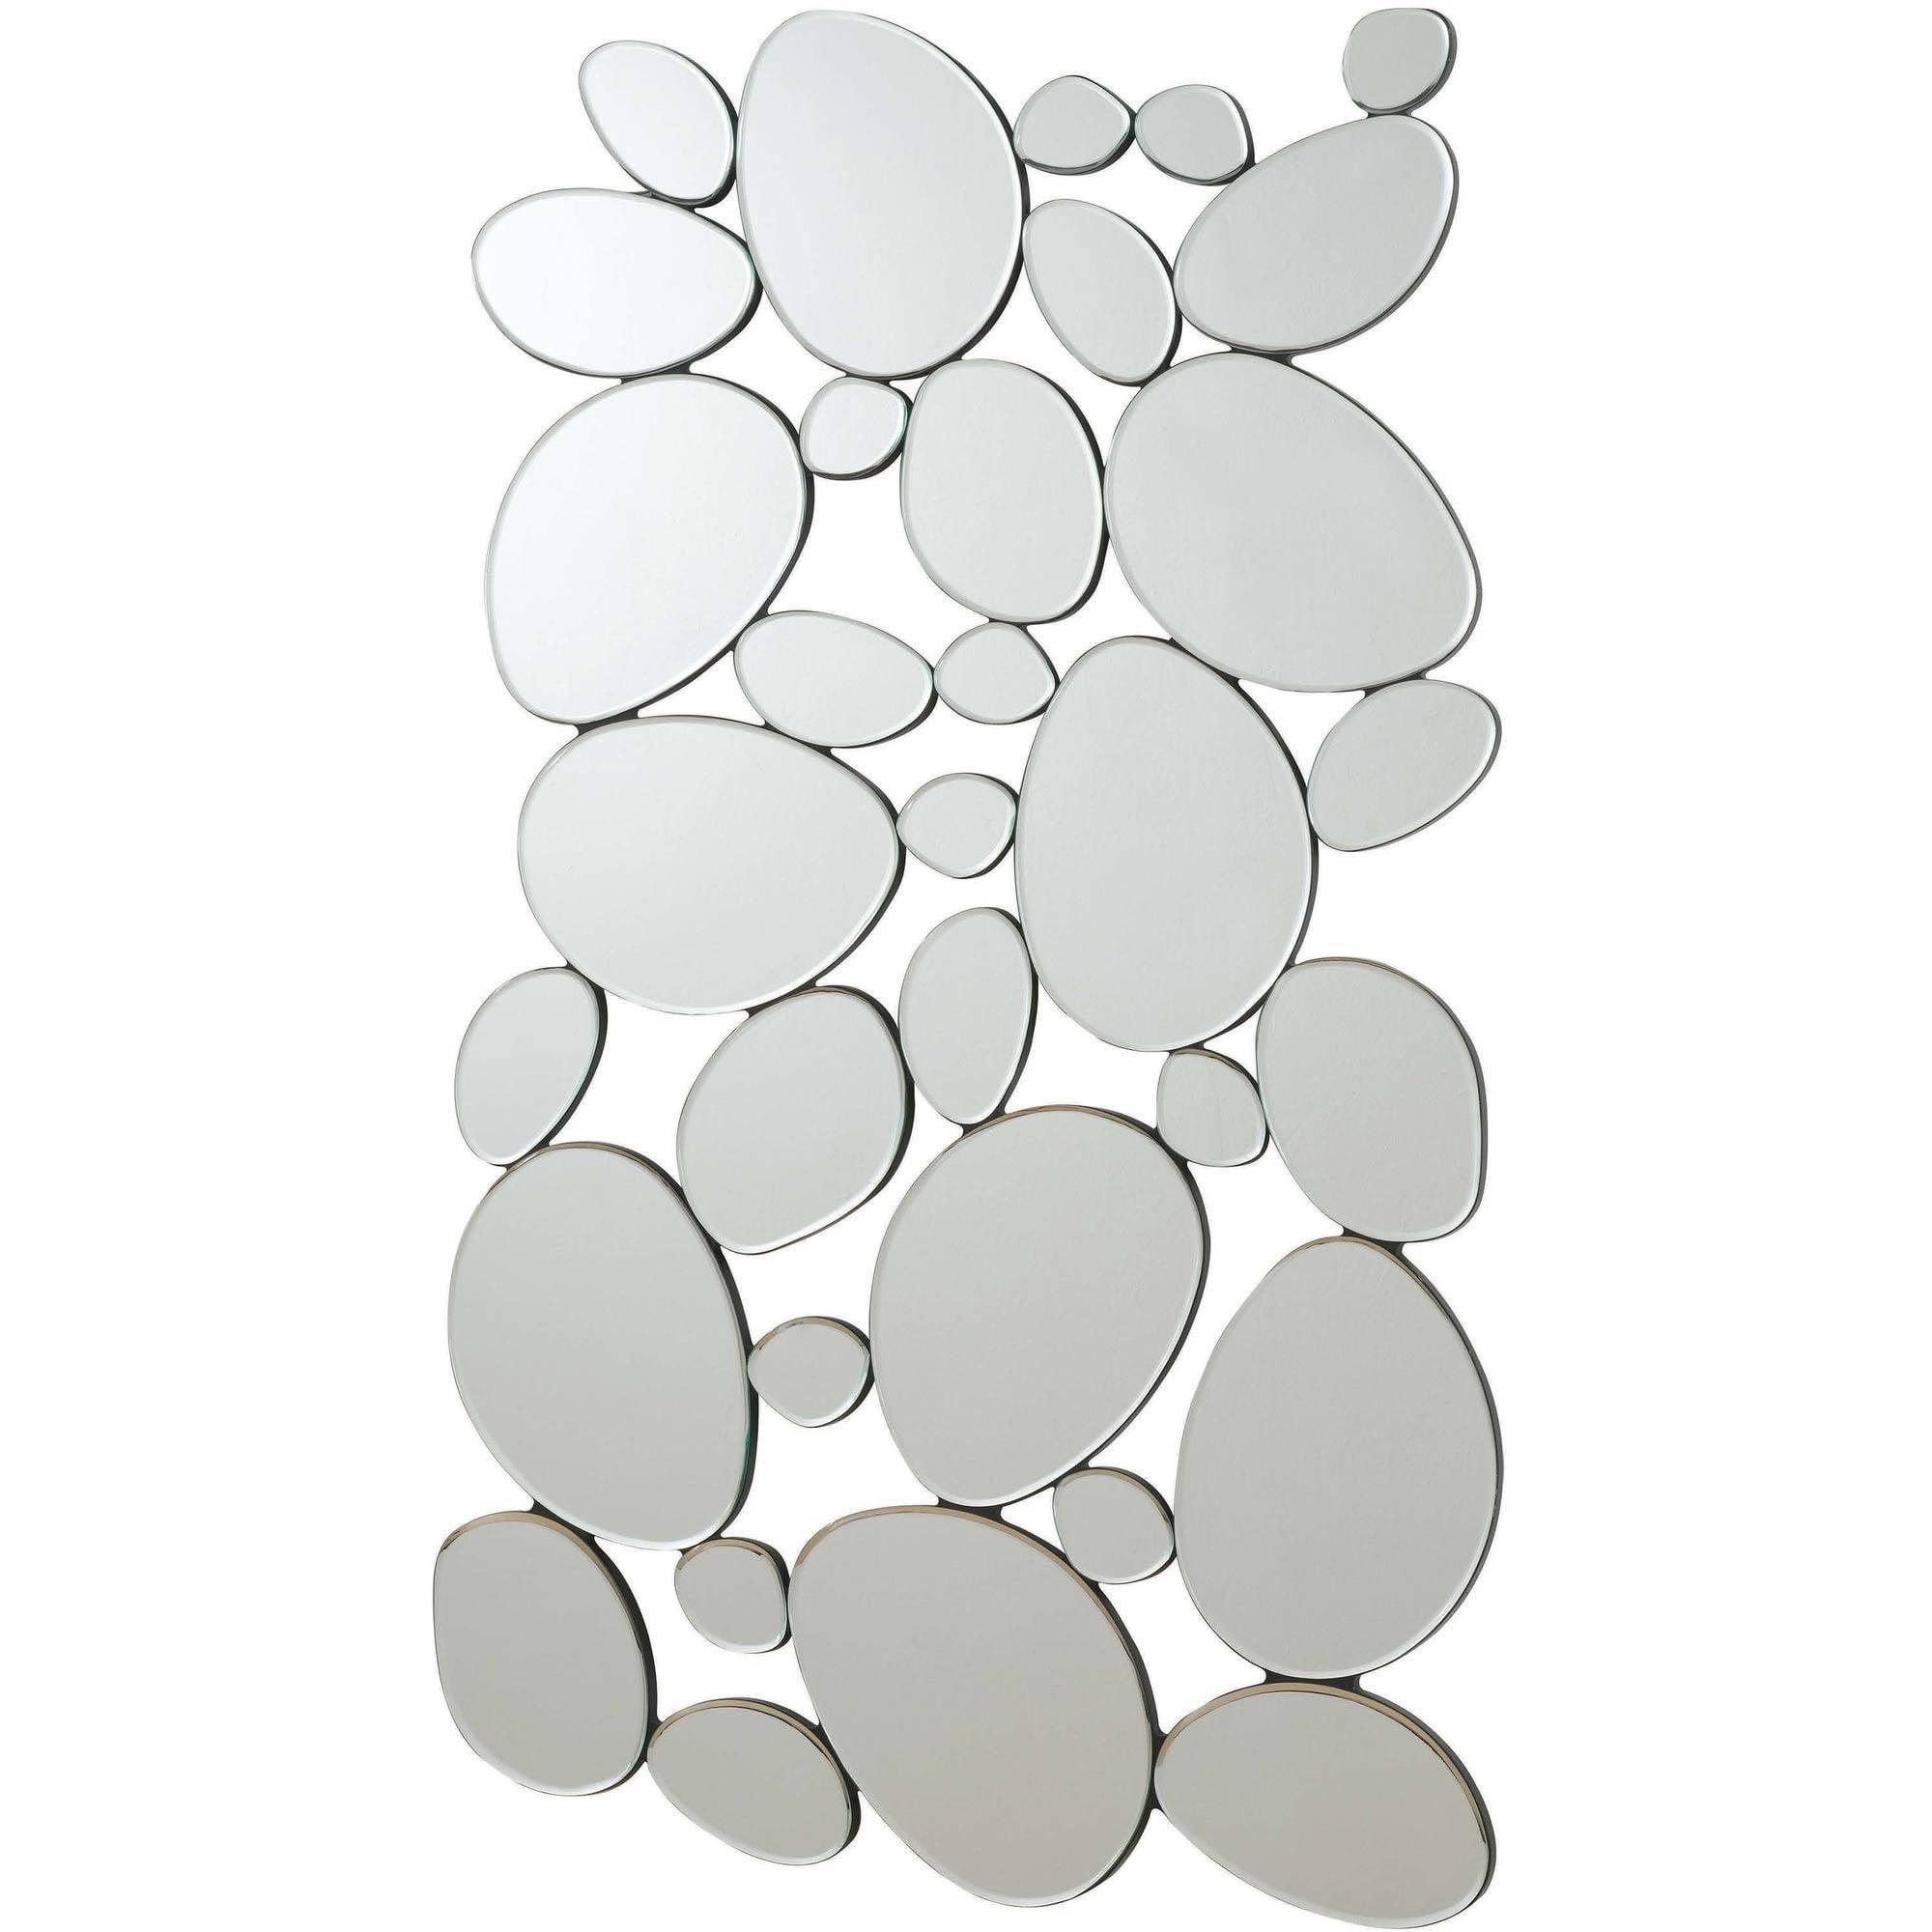 Coaster Company Mirror with Stone Shapes by Coaster Company